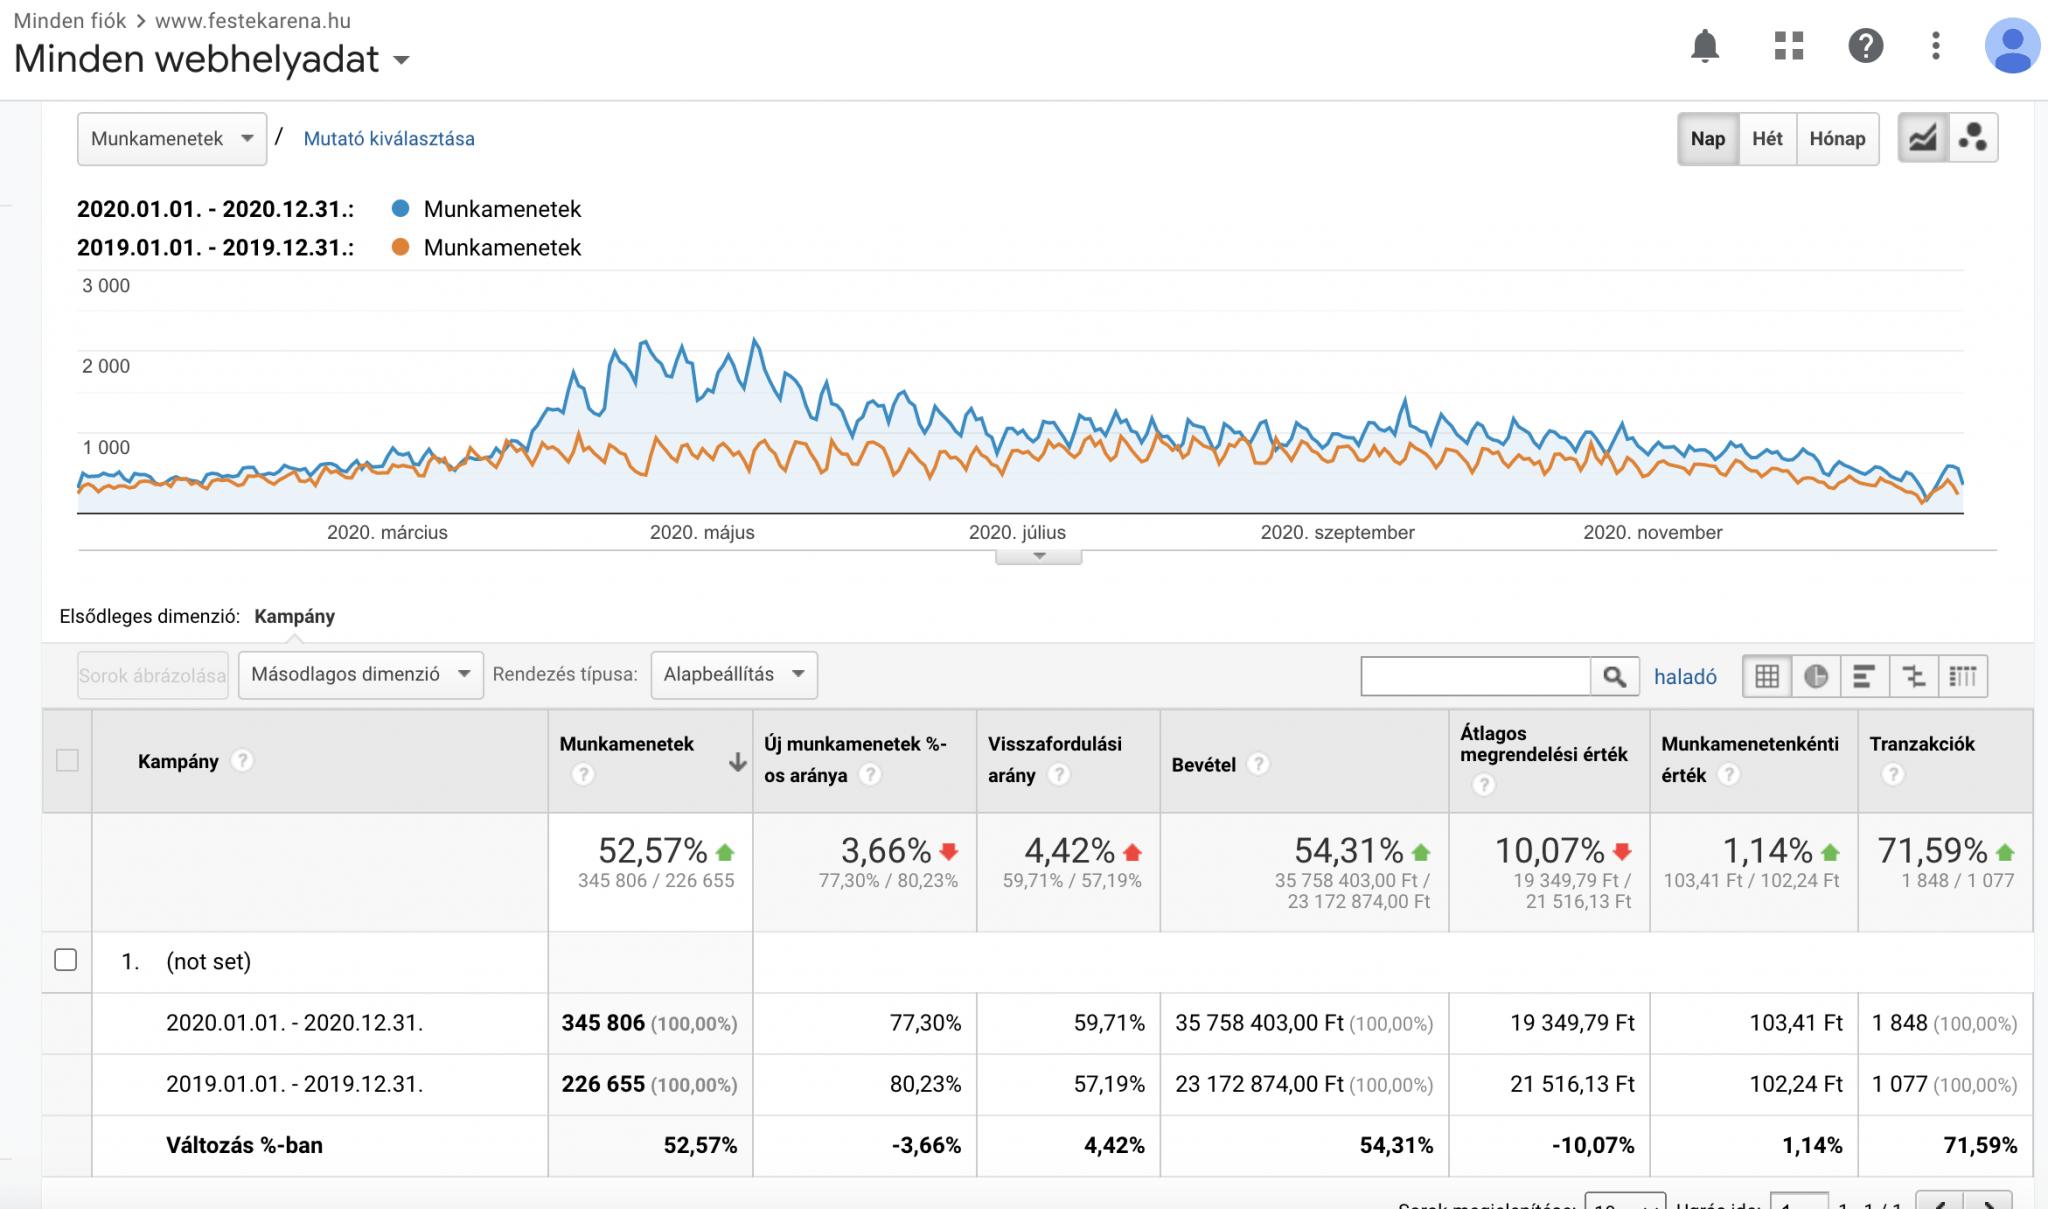 Organikus forgalmi összehasonlítás a Google Analytics adatai alapján - Így segített a SEO